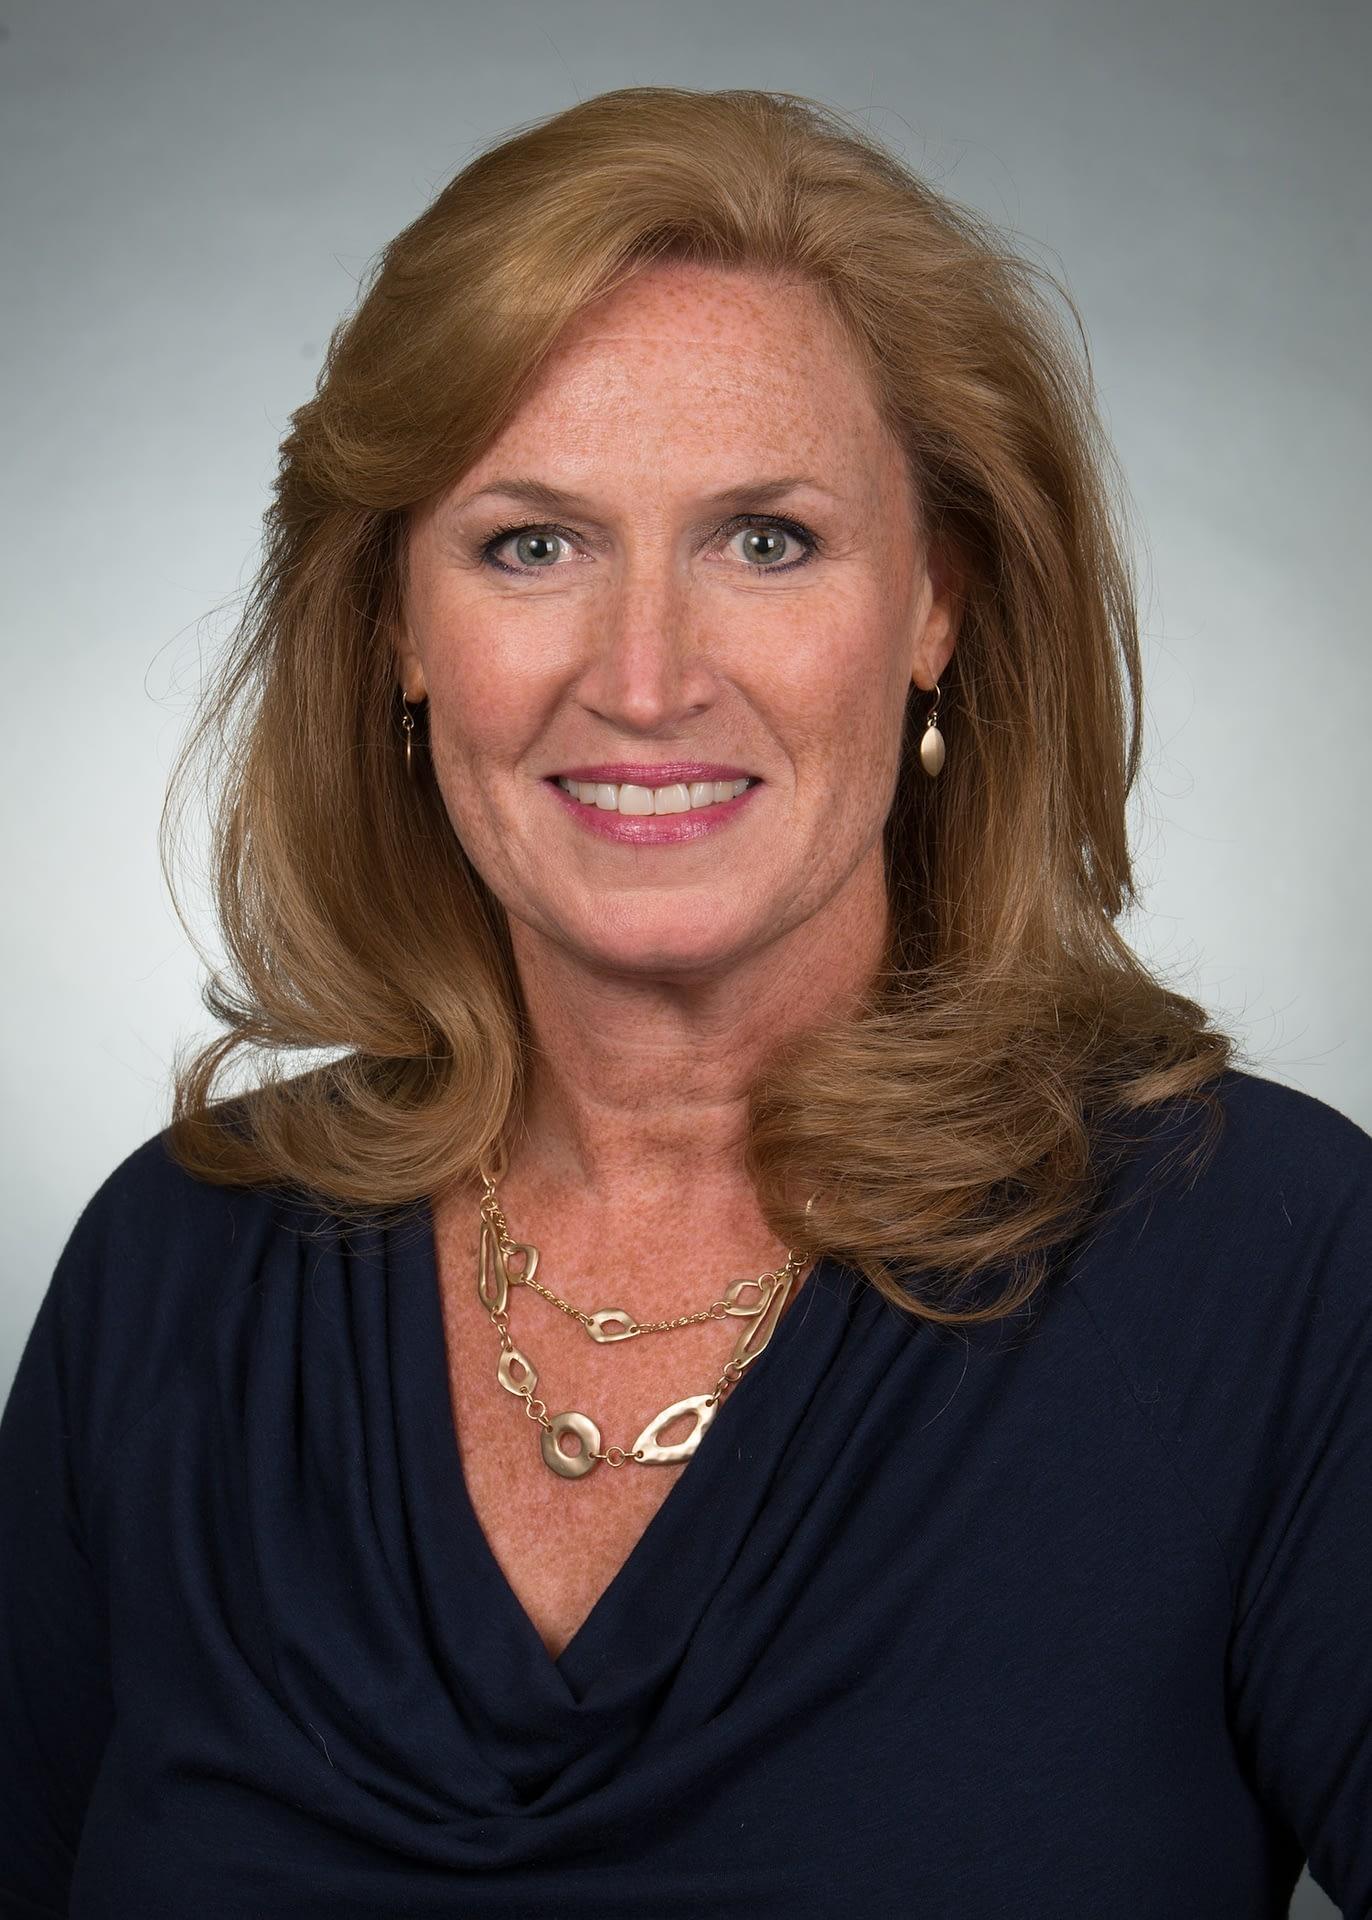 Janet Keene